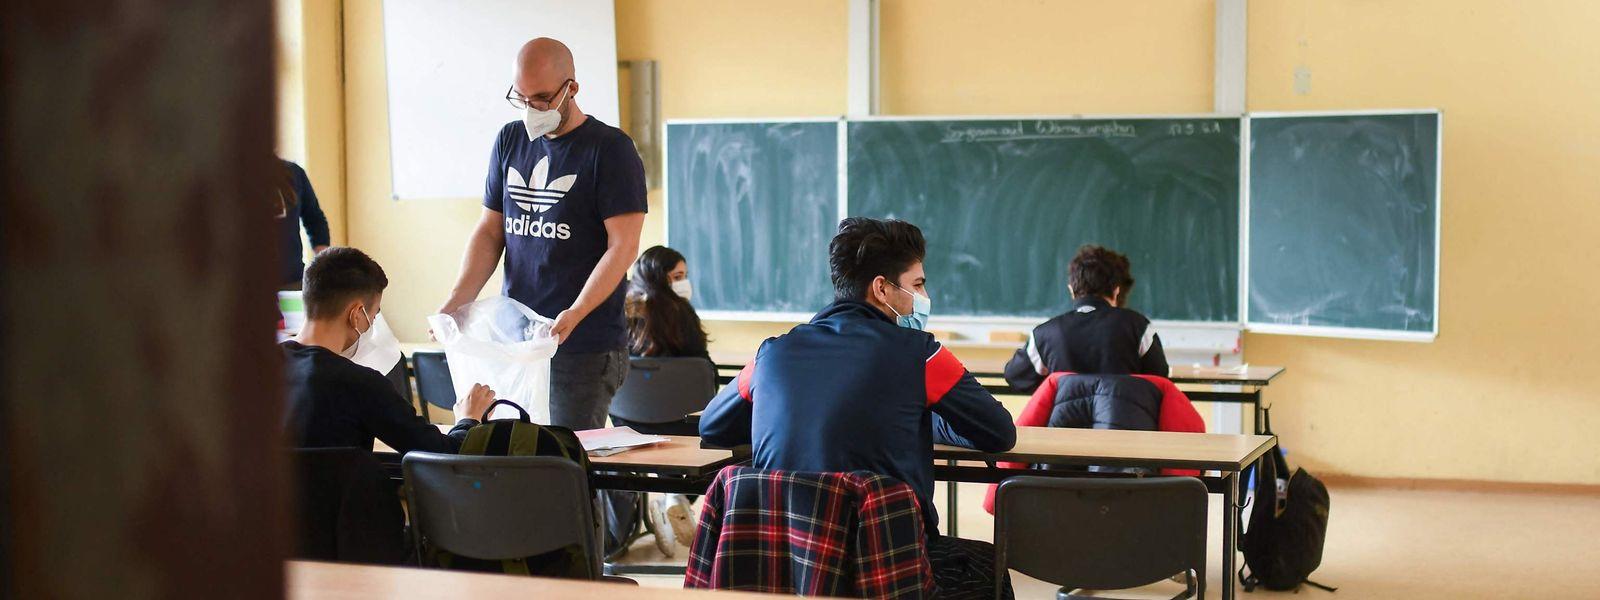 La plupart des cas d'élèves décrocheurs concernent des garçons, redoublants, et âgés en moyenne de 17 ans.